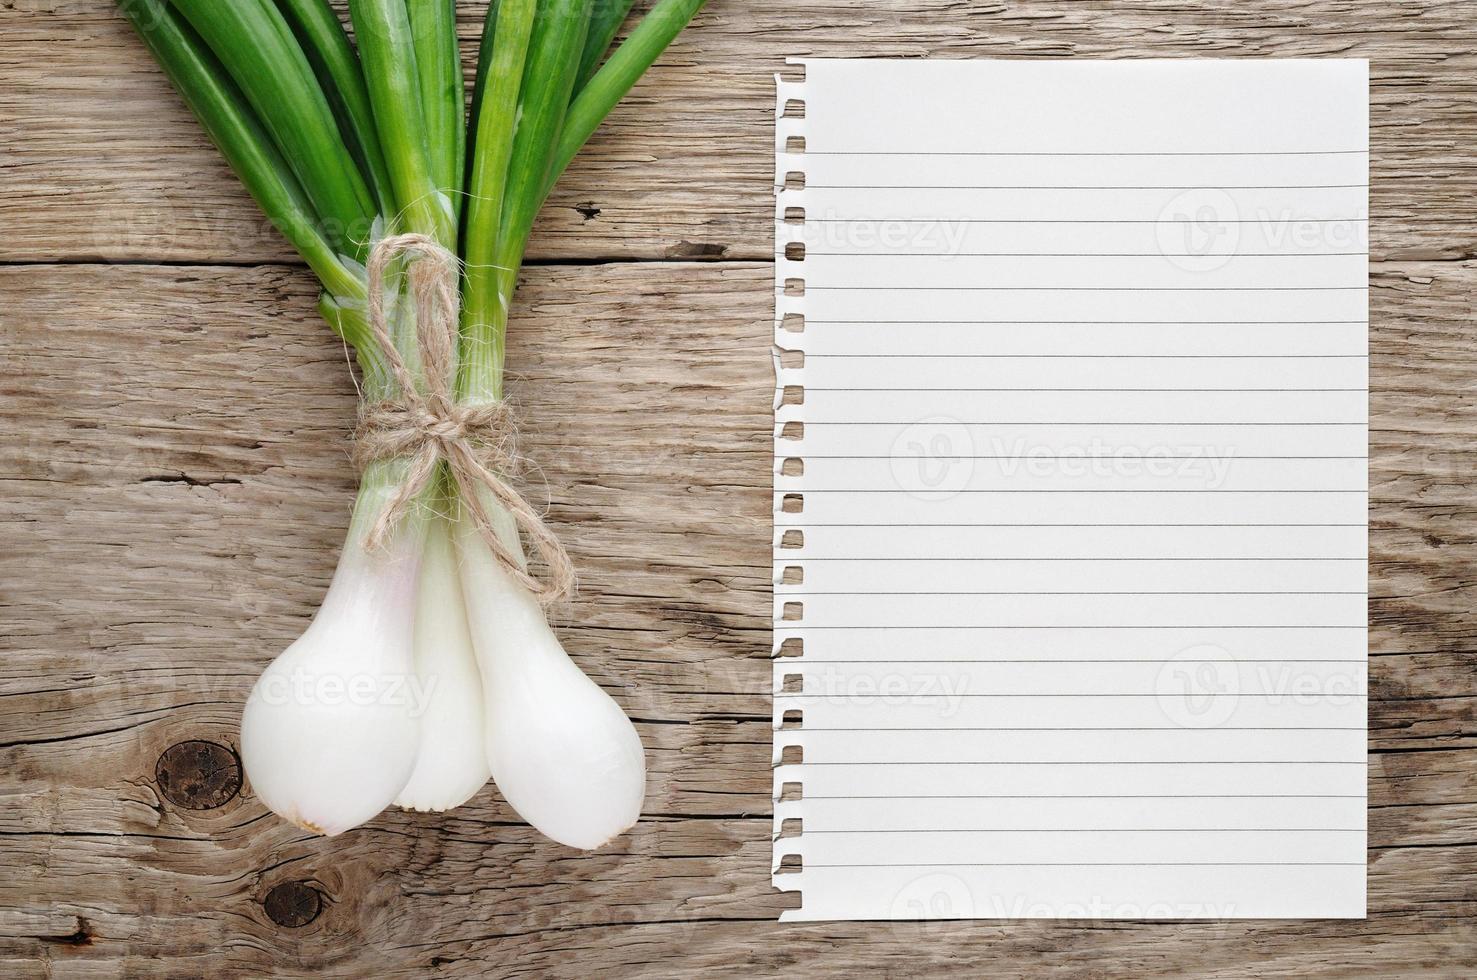 cebola verde e papel para receita foto